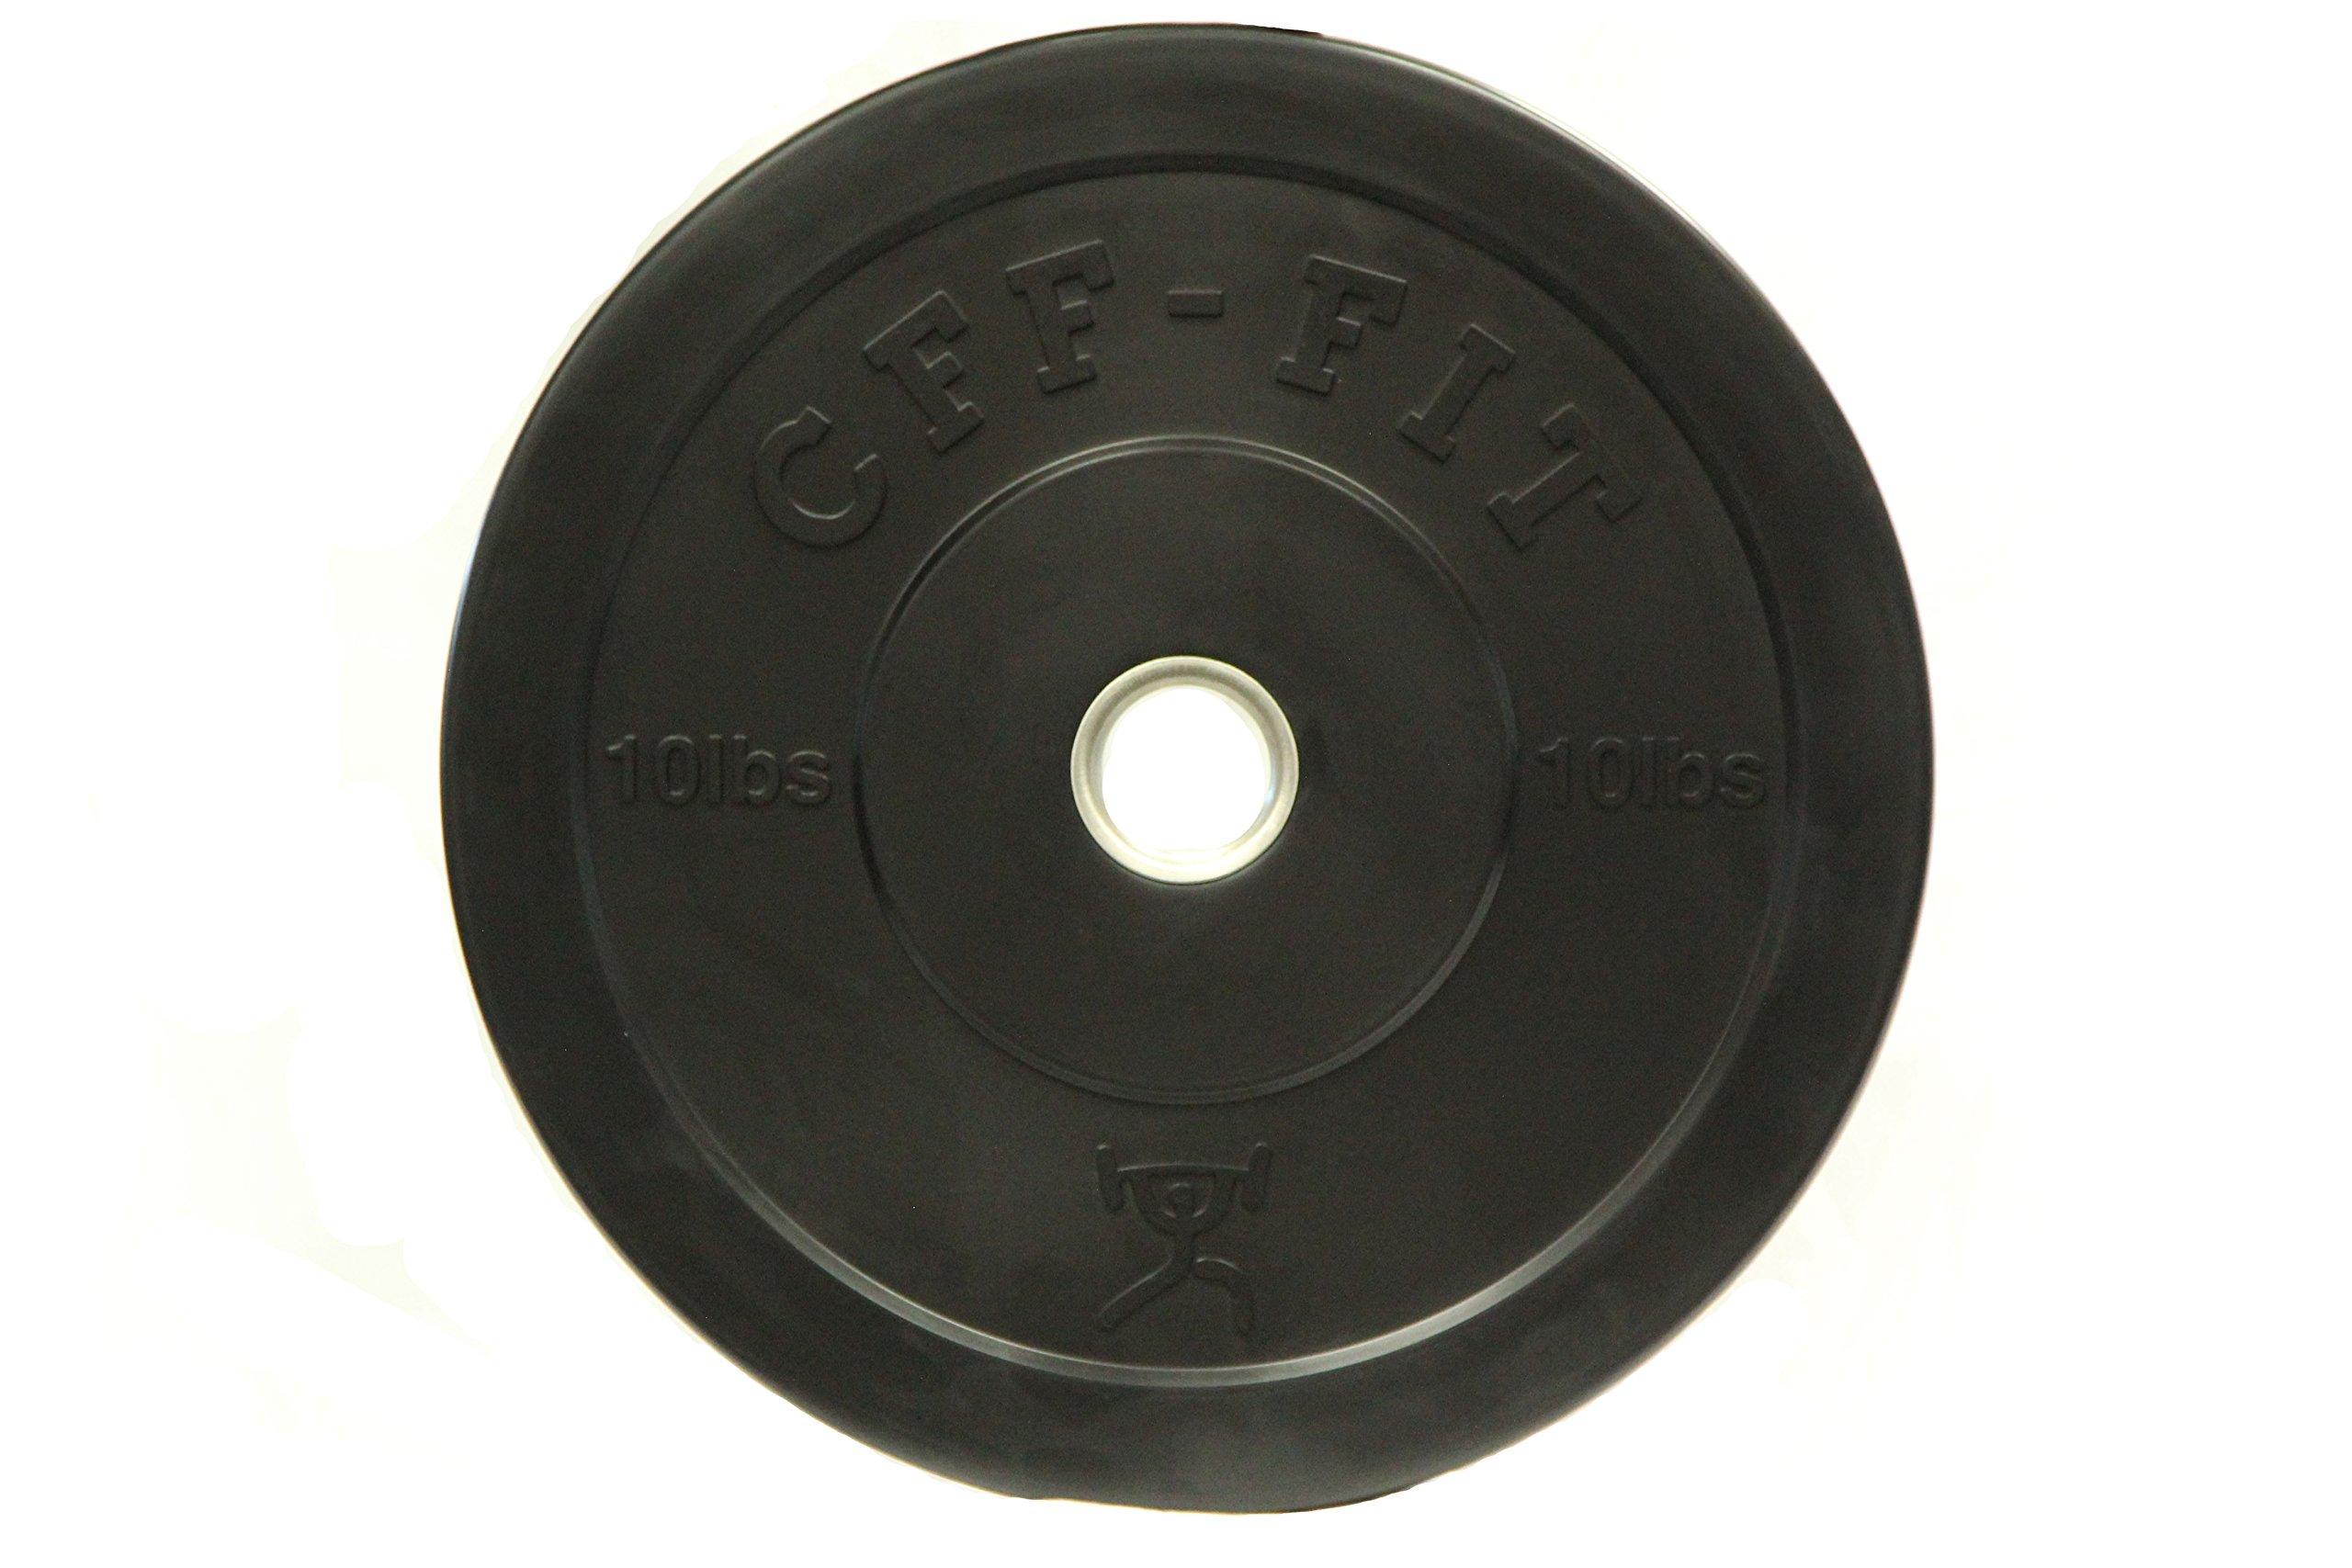 CFF Rubber Bumper Plates, Black, 10 lb